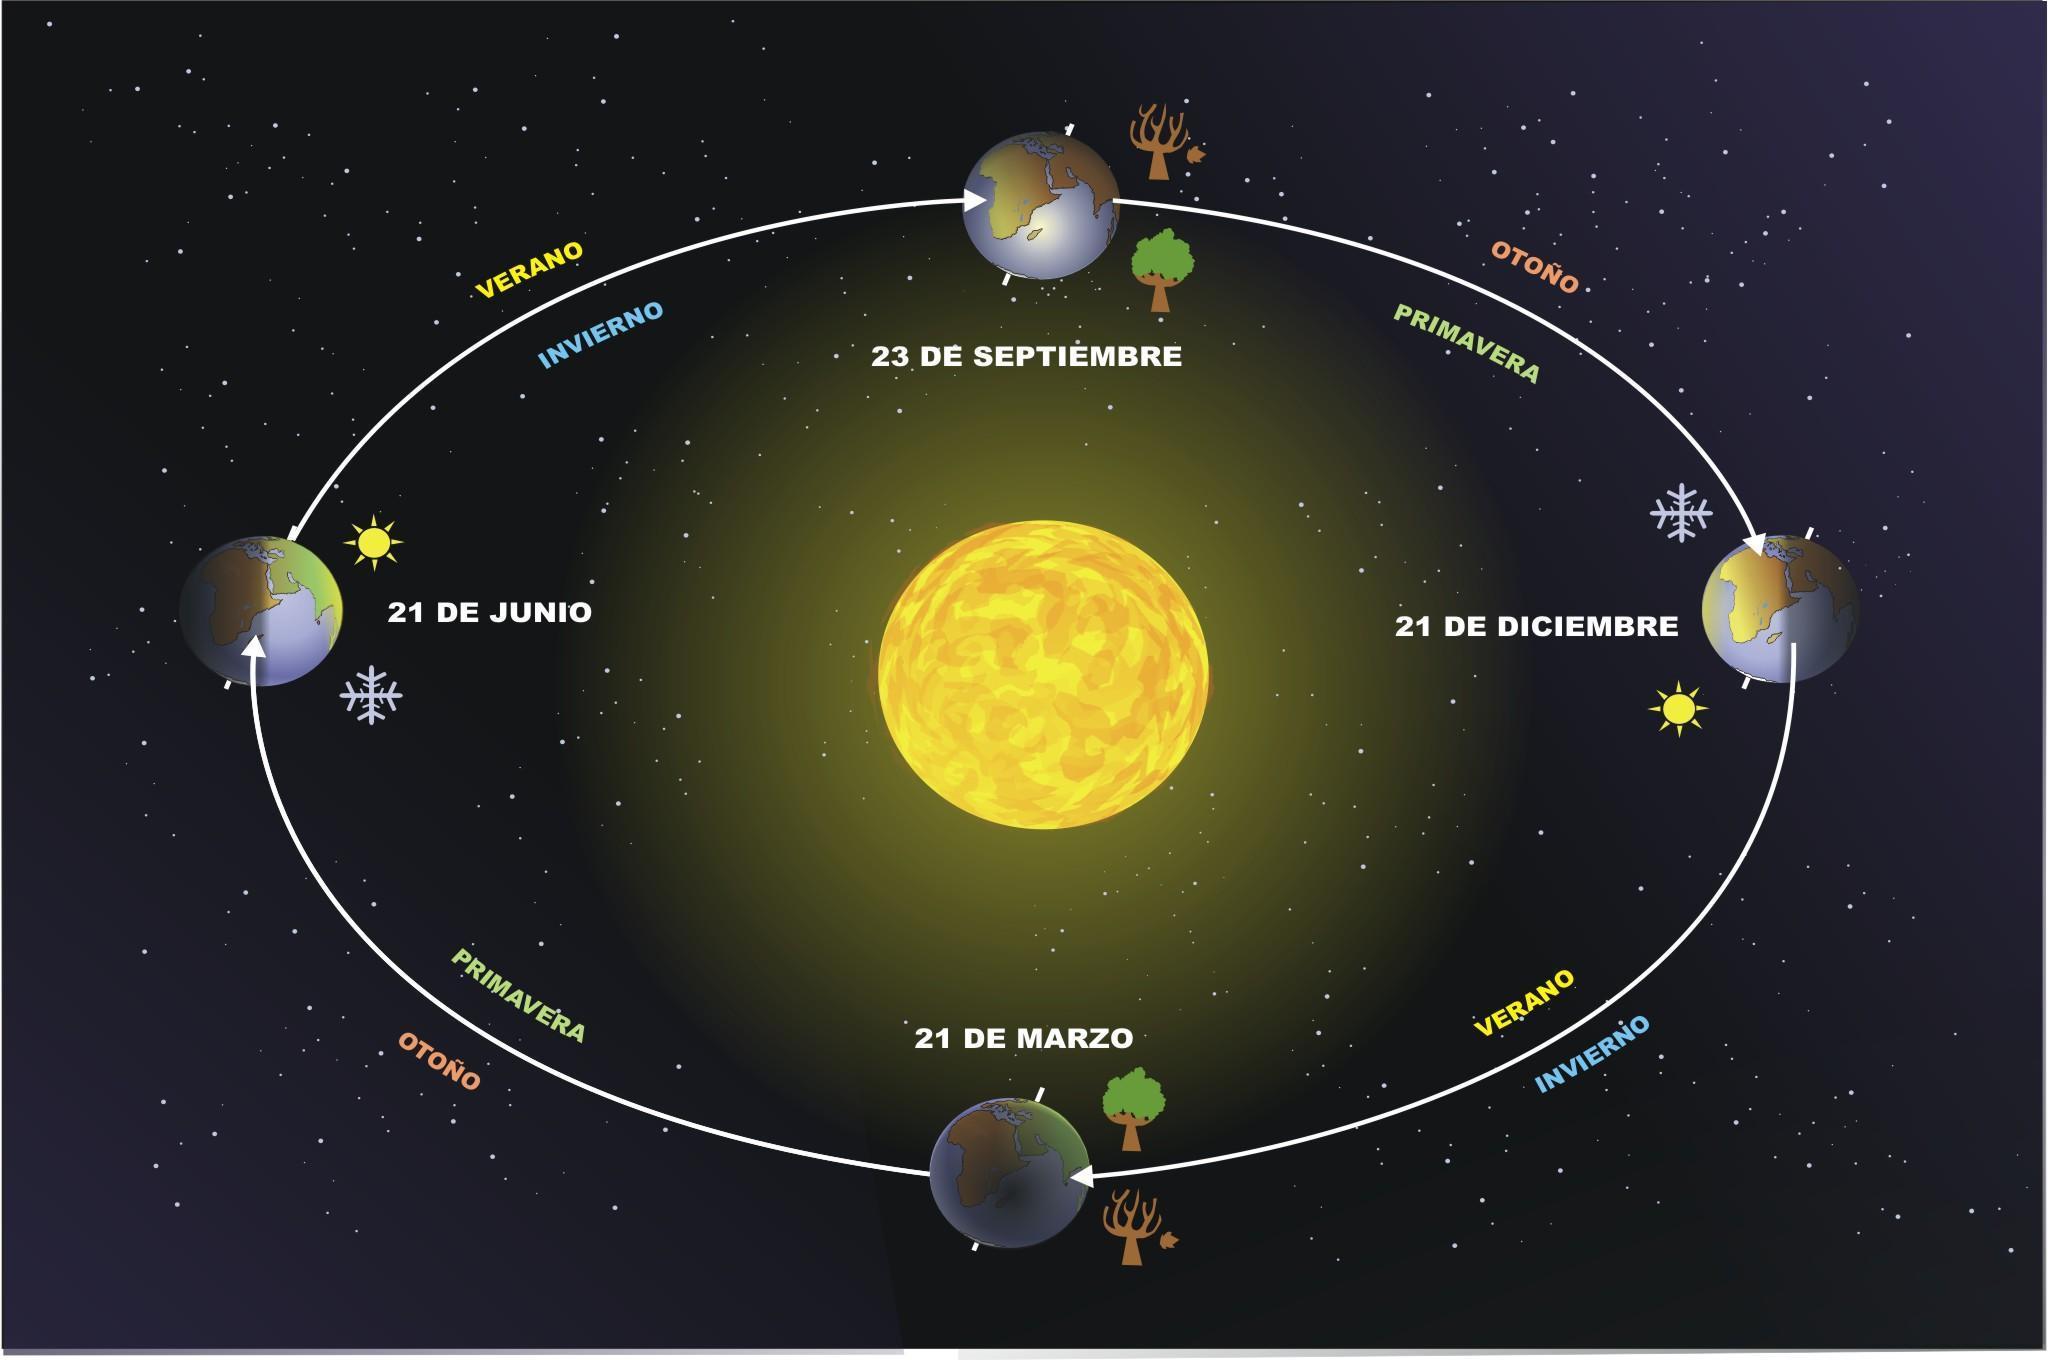 Si el año se acaba cuando la Tierra está mas lejos del Sol porqué en Occidente termina el 31 de Diciembre ?